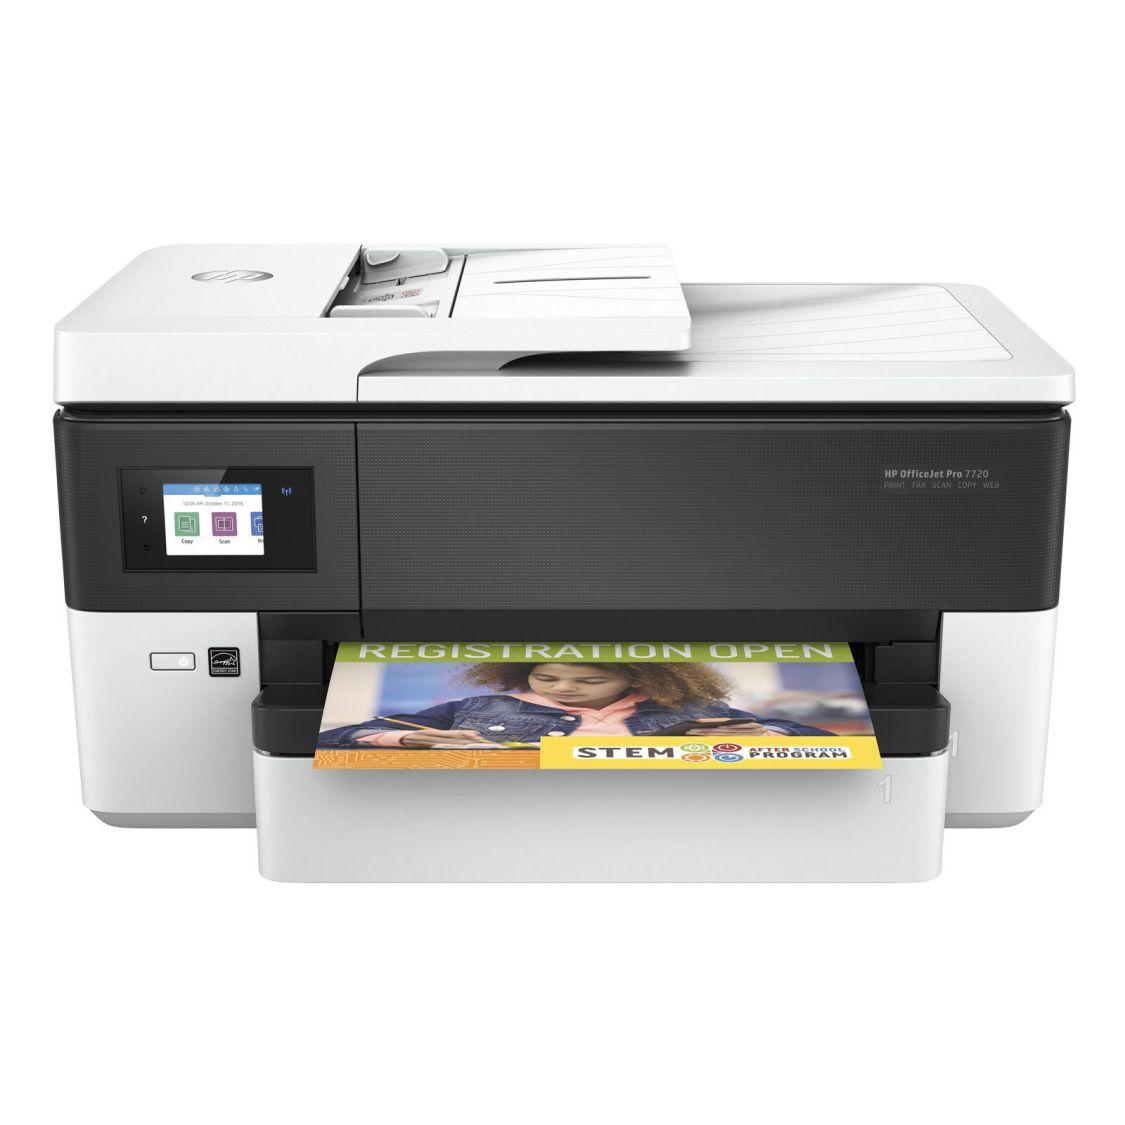 HP Officejet Pro 7720 4-In-1 Multifunktionsdrucker WLAN Tintenstrahl DIN A3